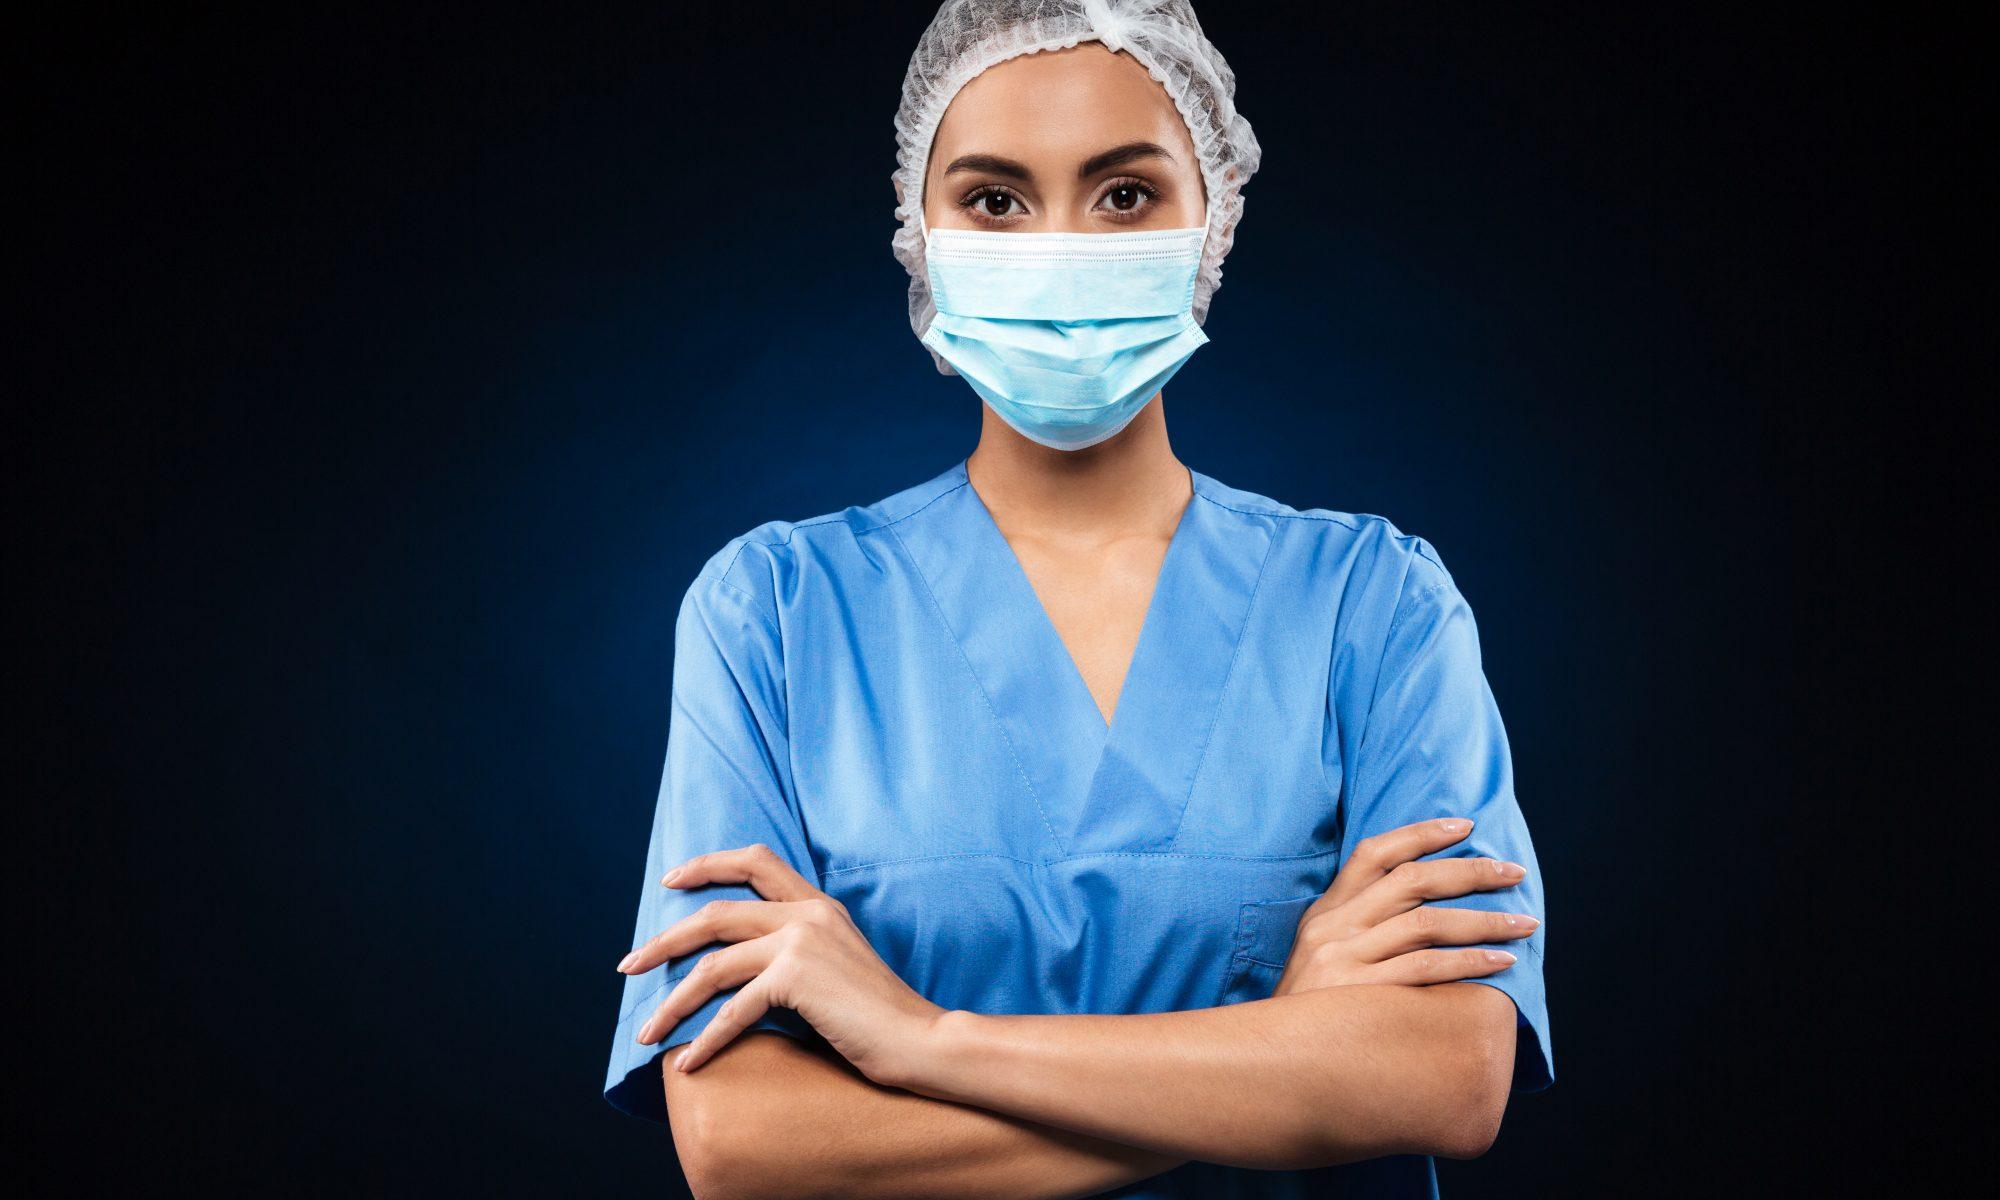 Requisitos para la carrera en enfermería